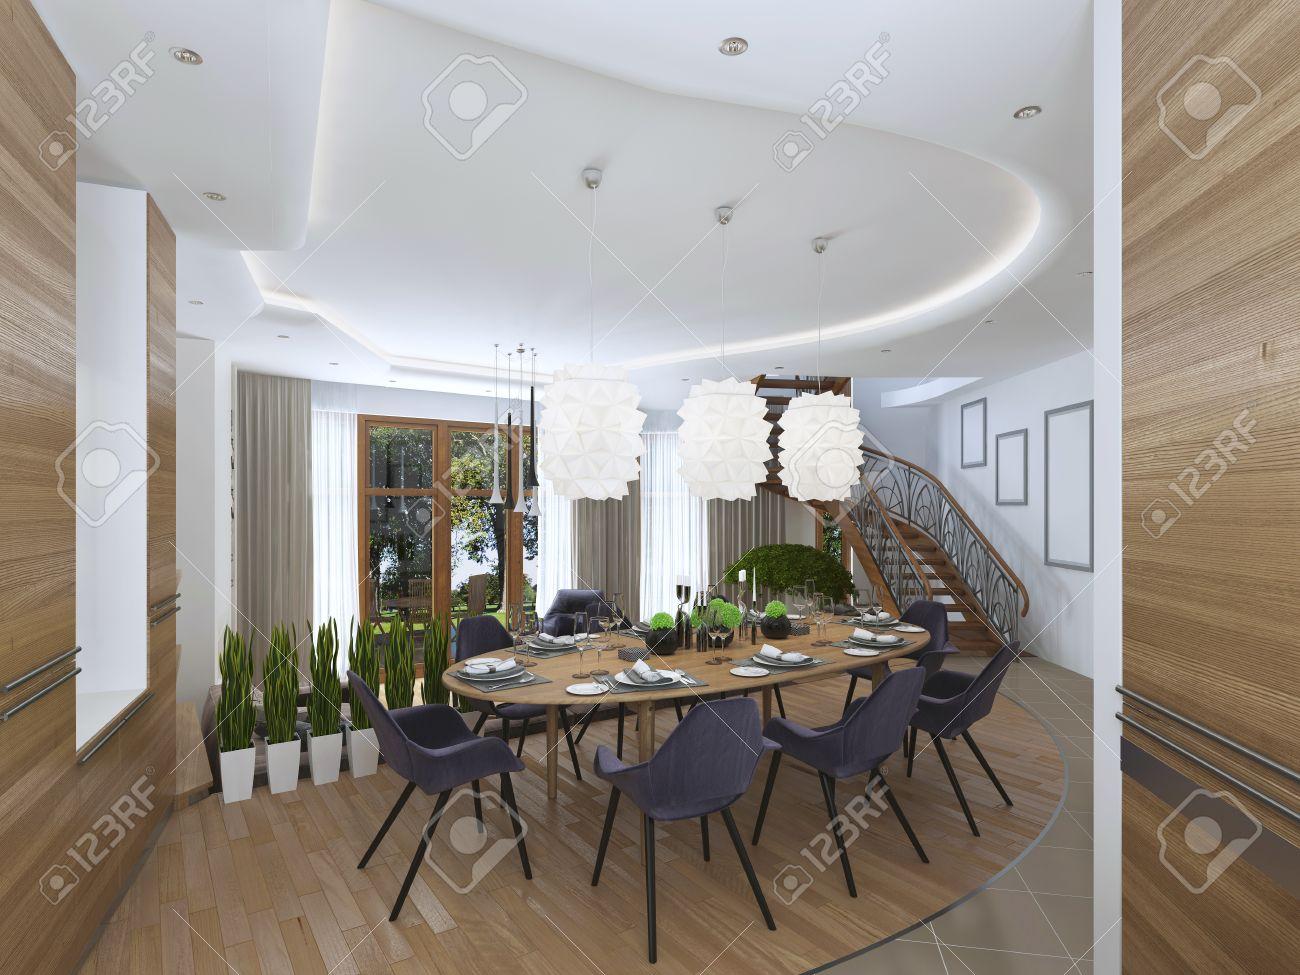 Der Große Esstisch In Der Küche Mit Acht Gepolsterten Stühlen Und ...